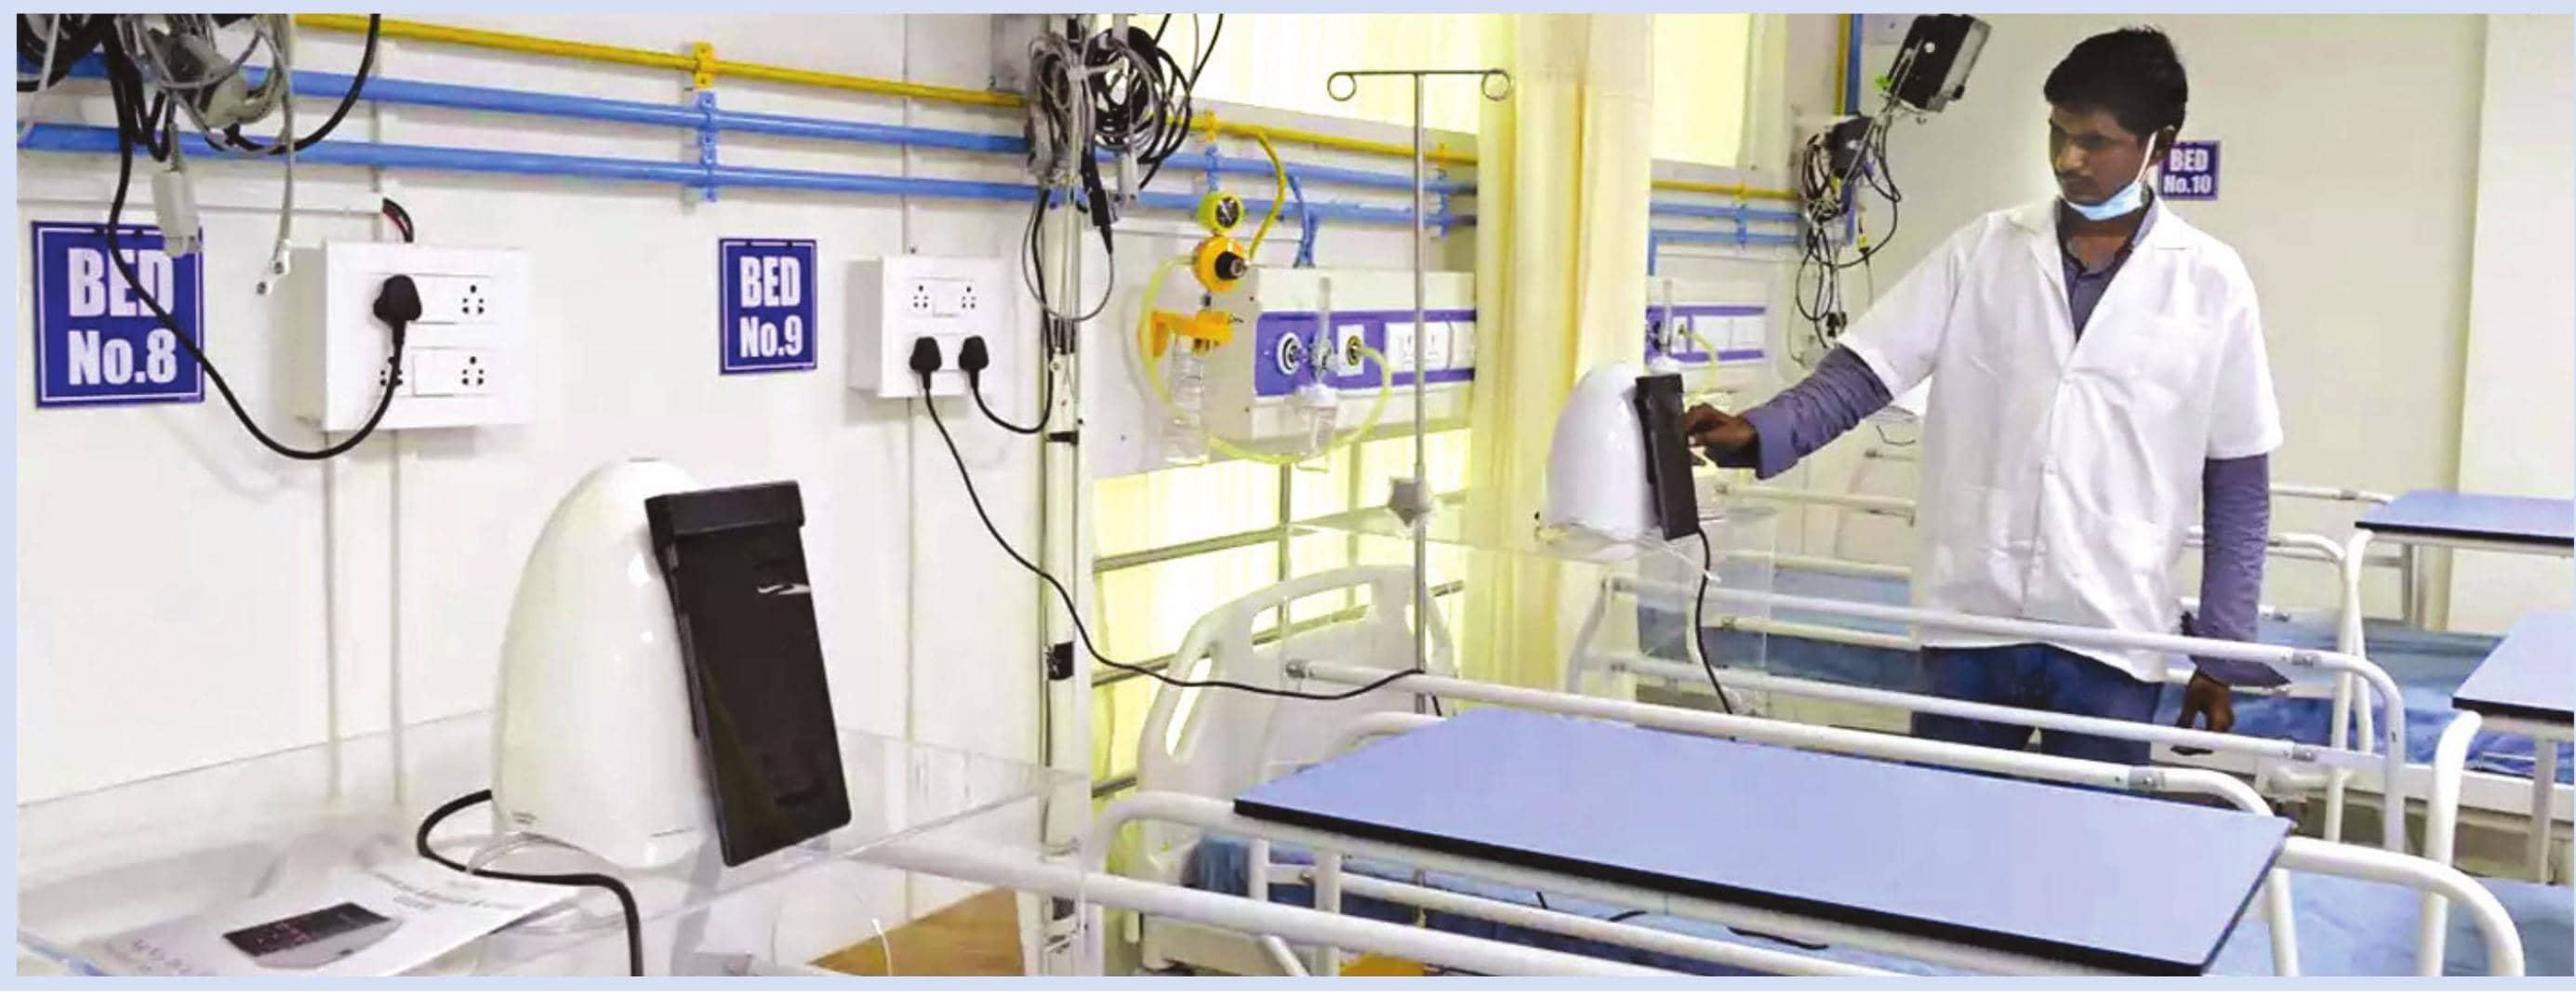 ખાનગી કોવિડ કેર હોસ્પિટલ 'ડેન્જર'